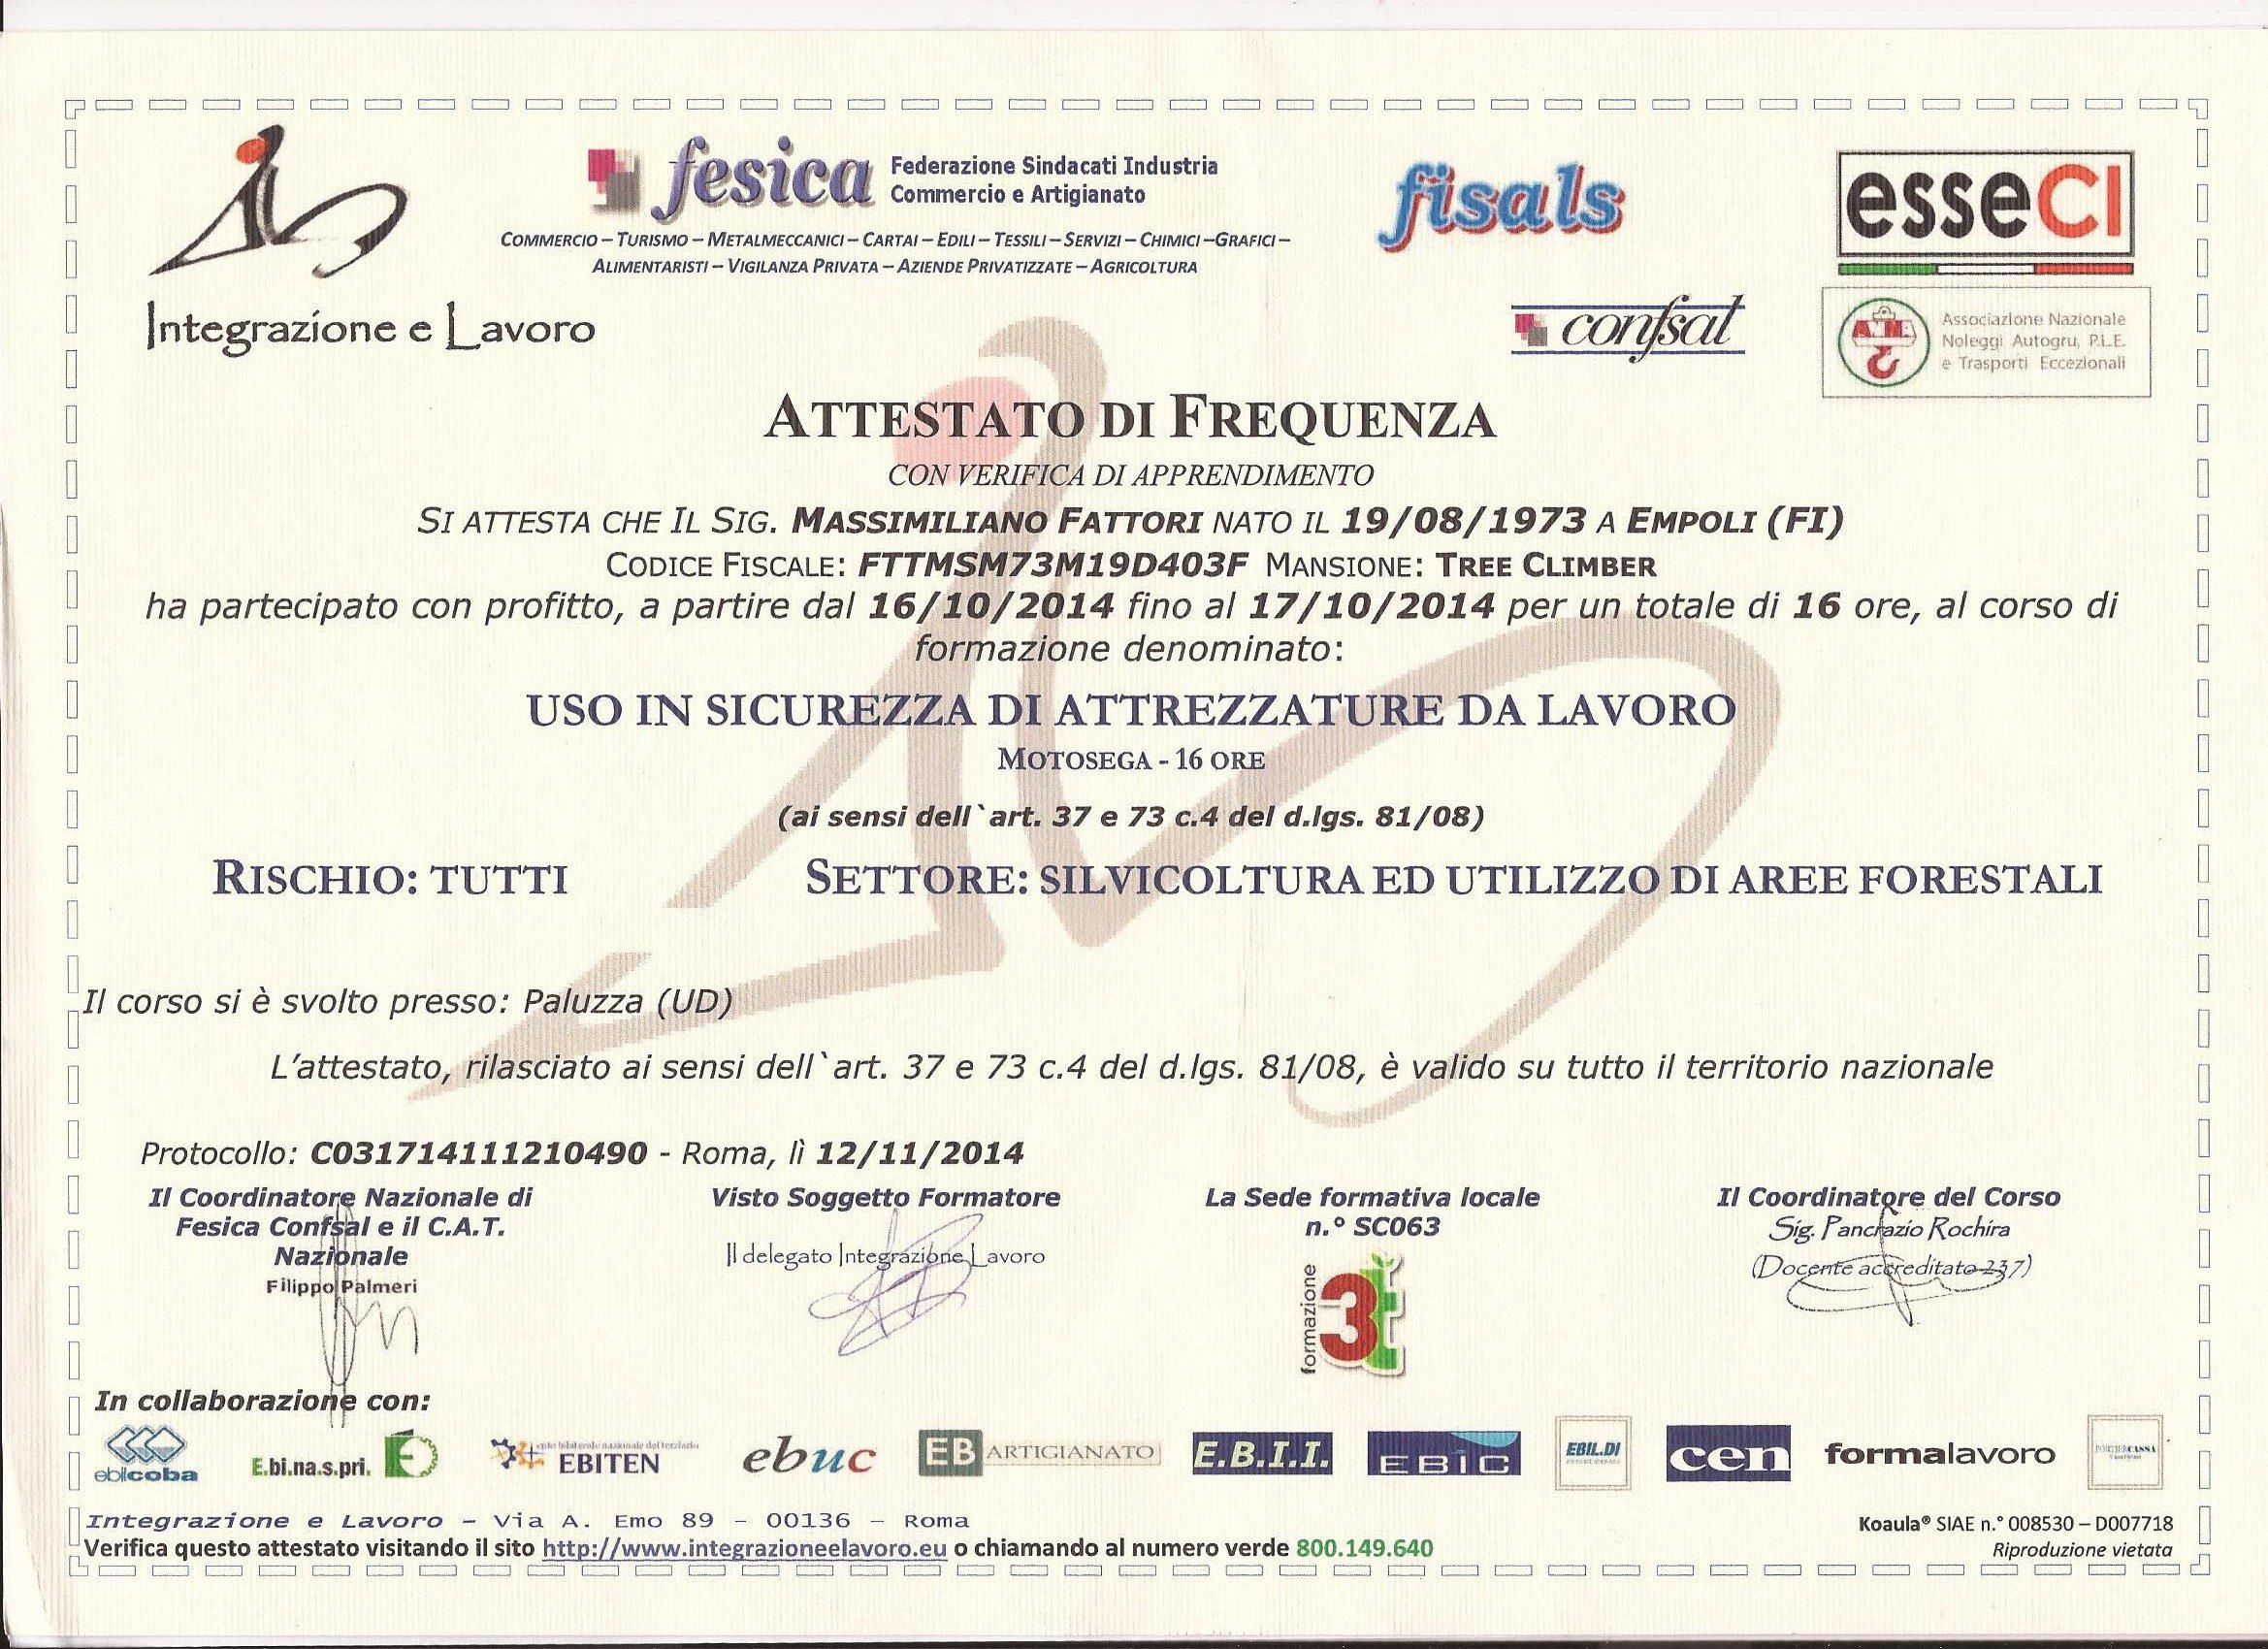 ATTESTATO MOTOSEGA 001